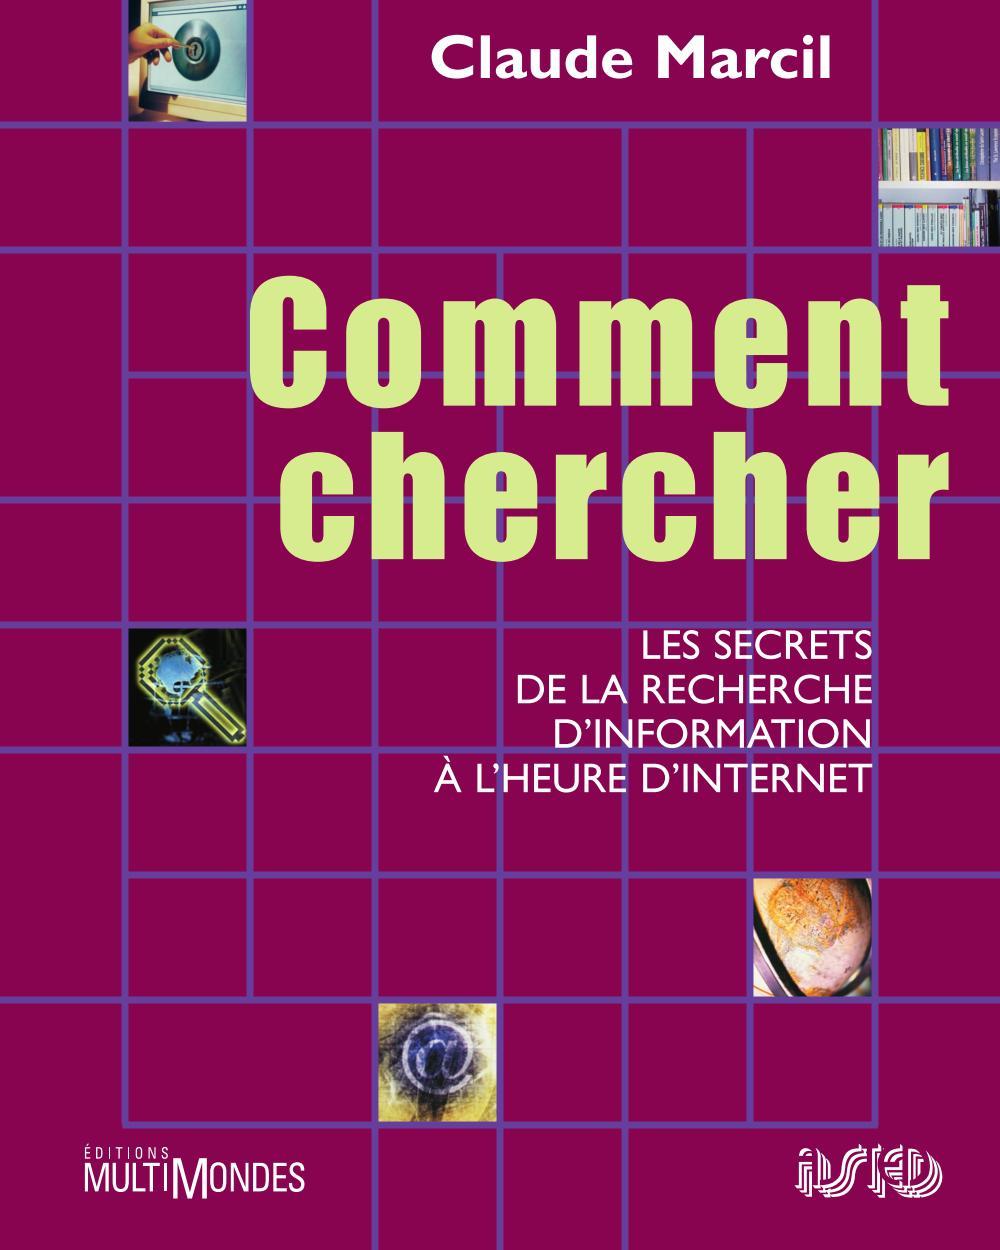 Comment chercher: les secrets de la recherche d'information à l'heure d'Internet